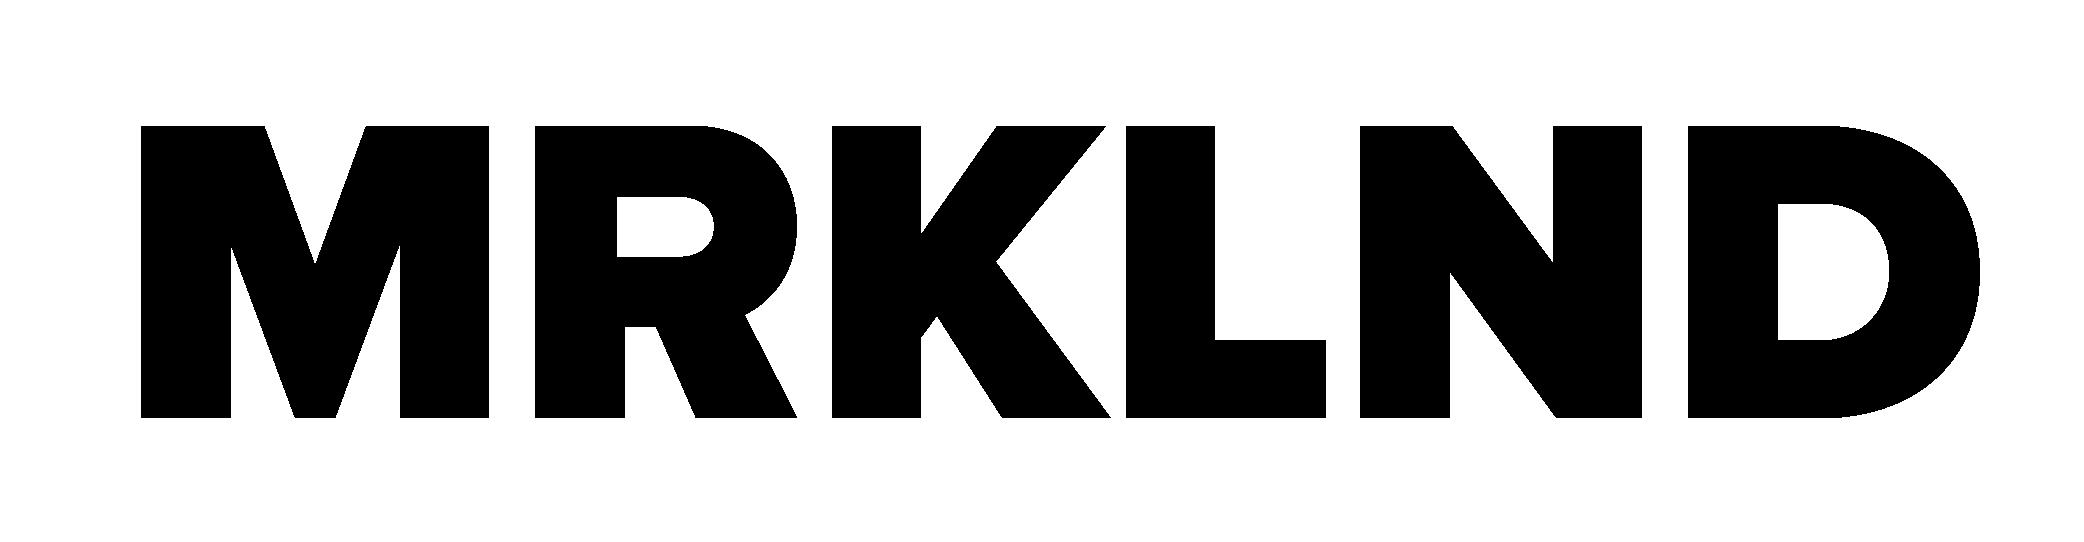 mrklnd_black-01